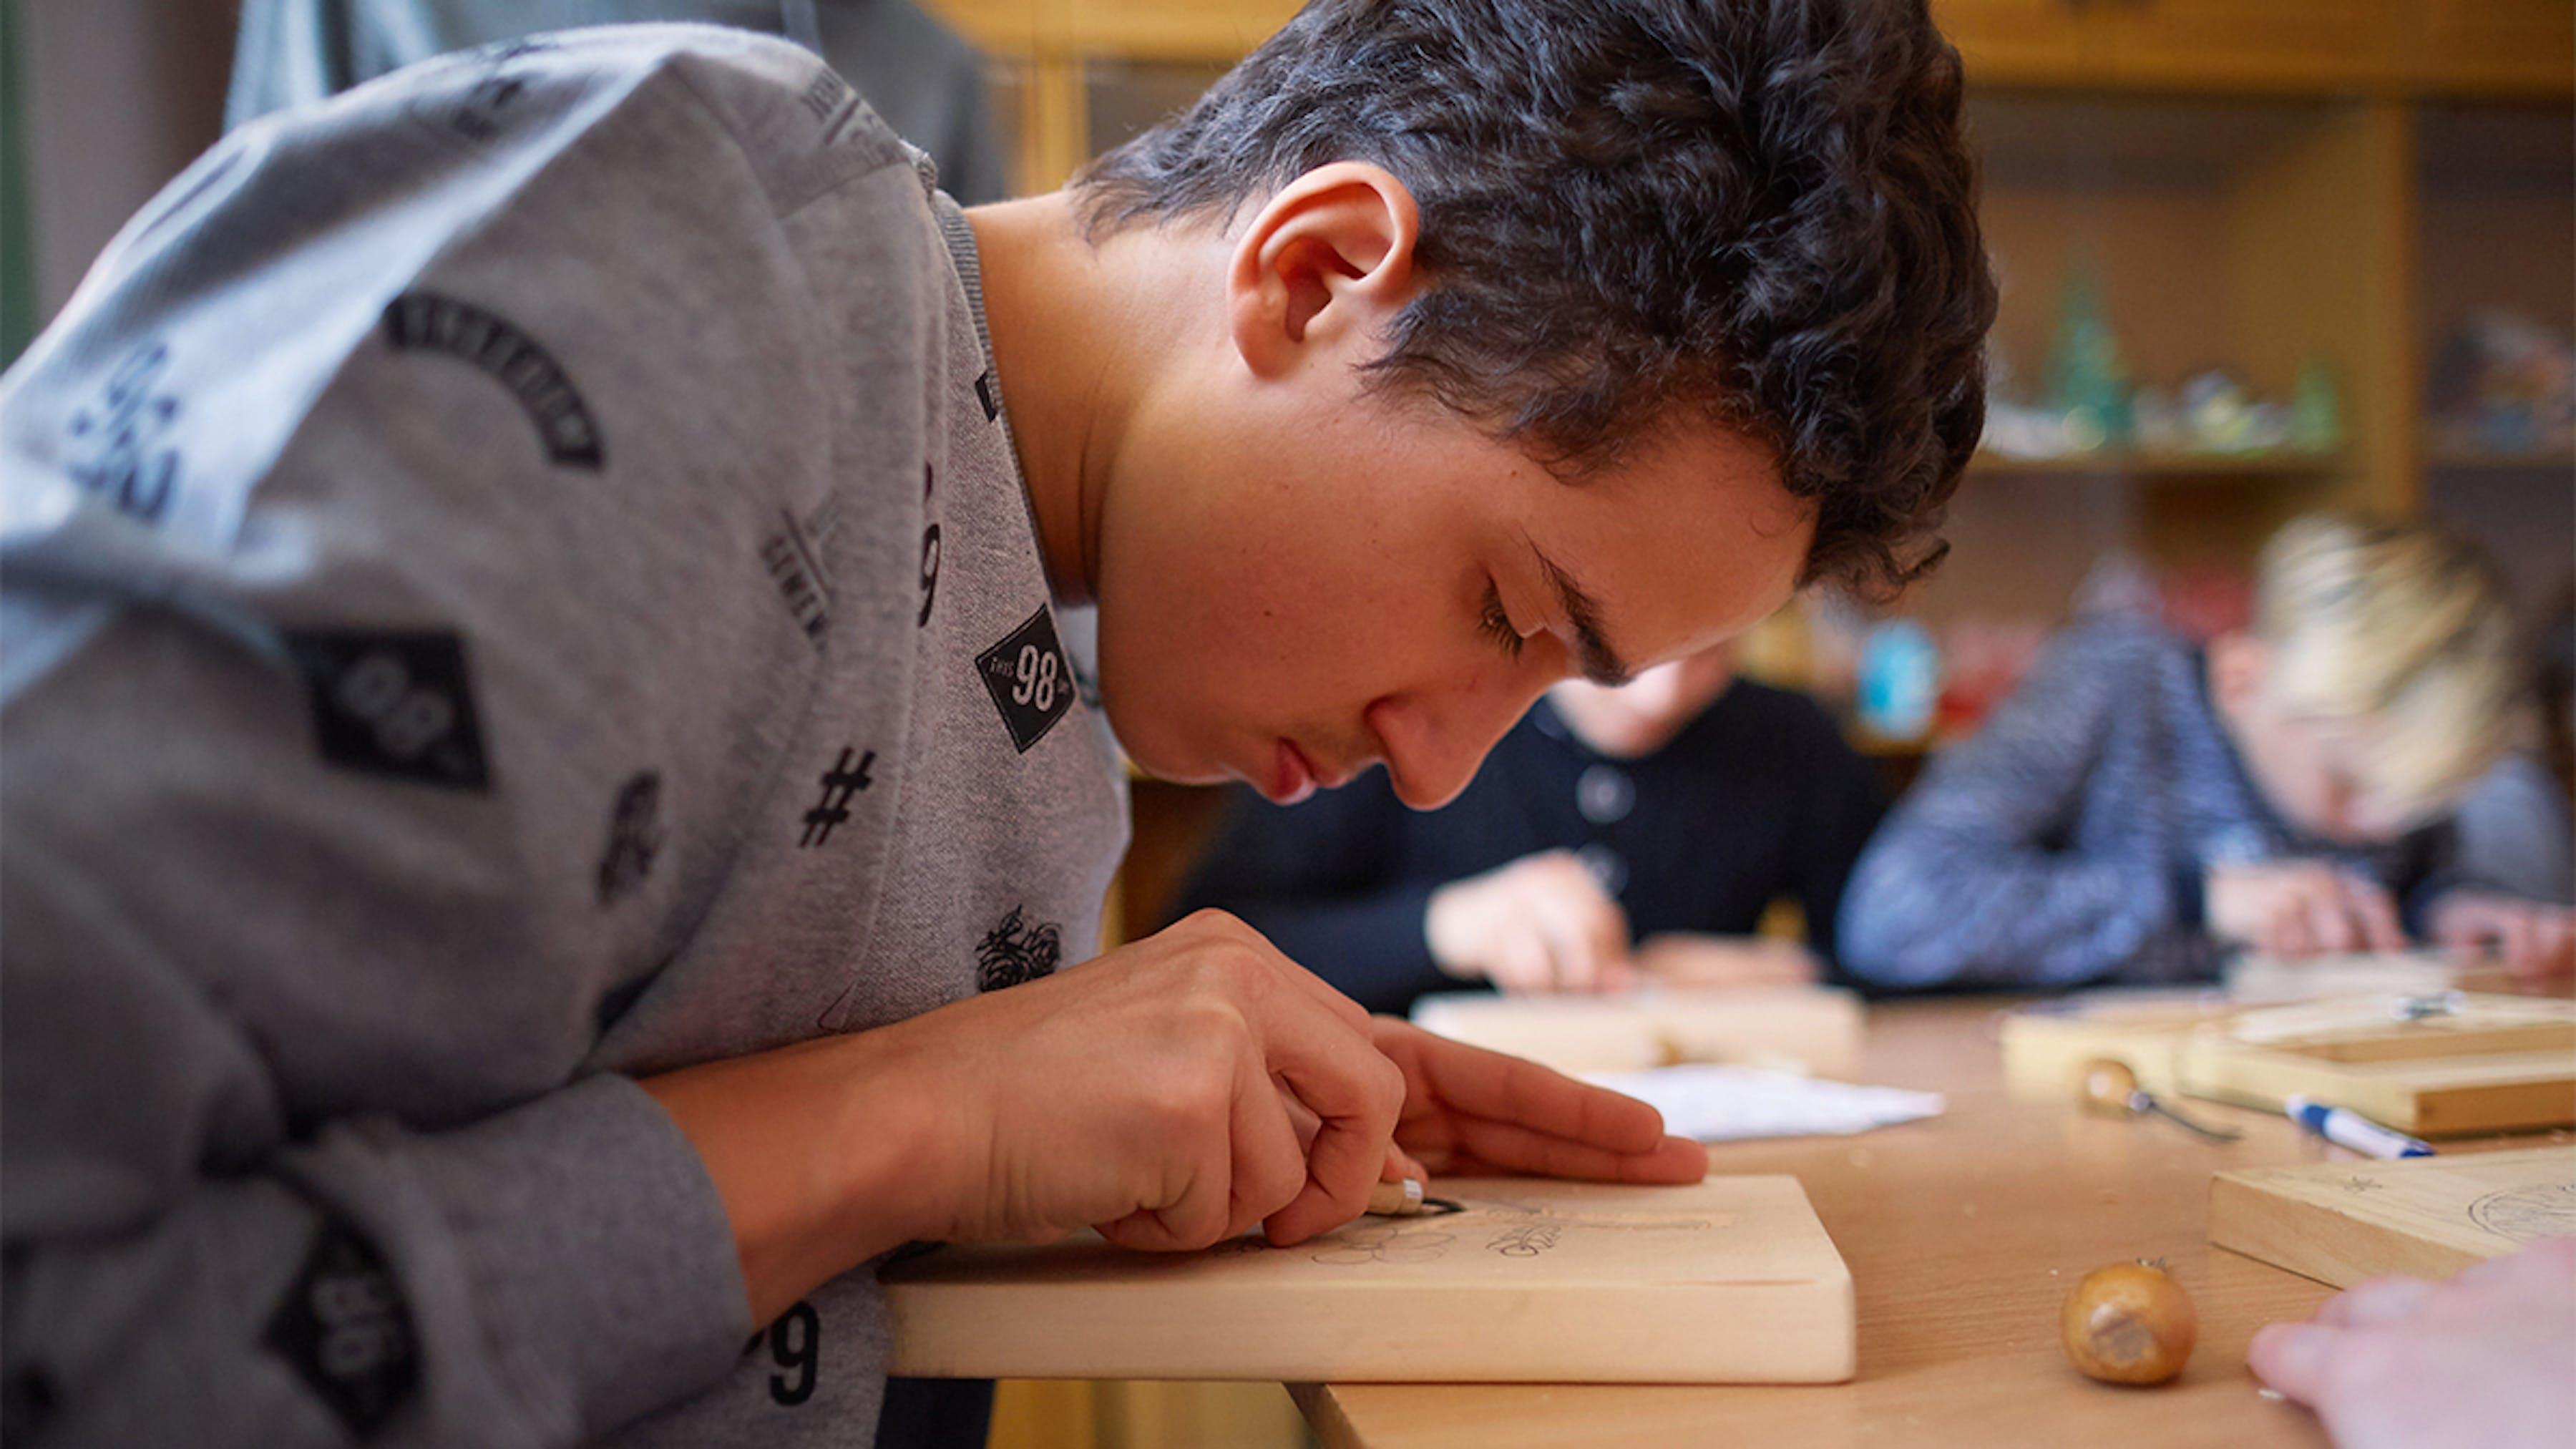 Ucraina, un ragazzo con disabilità uditive alla lezione di scultura in legno.